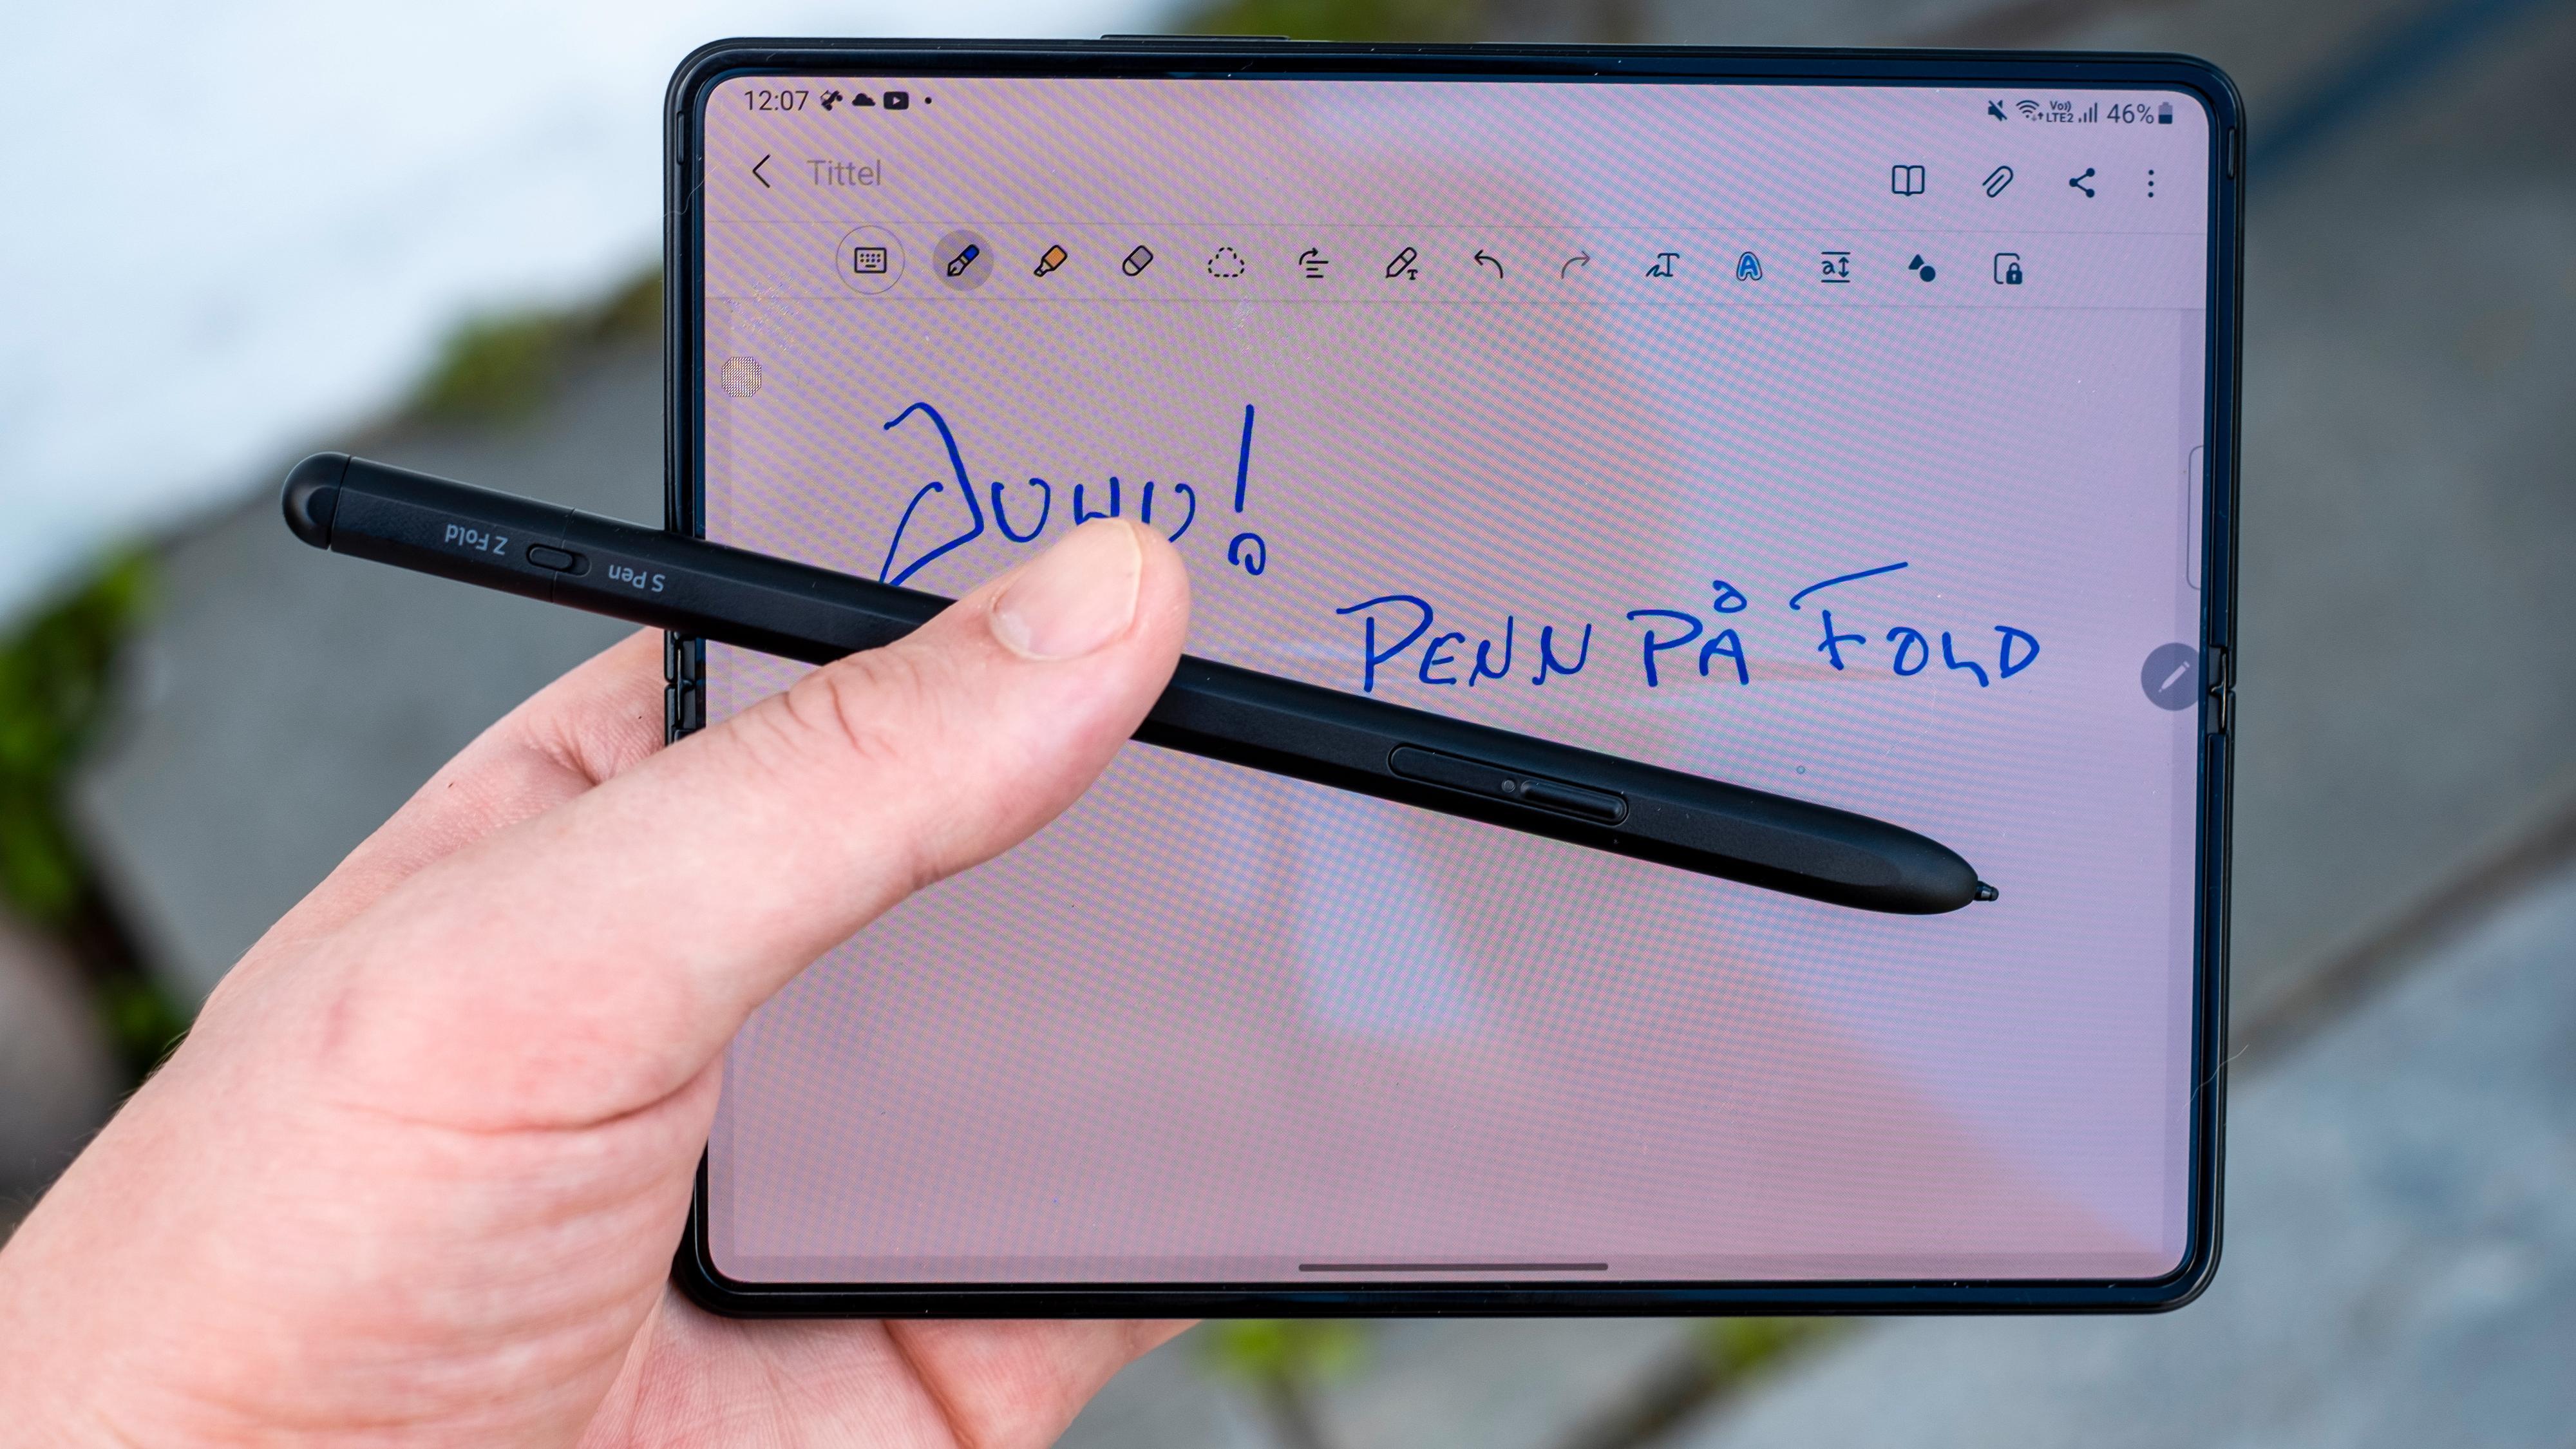 Digital S Pen-støtte er på plass. Ved forhåndsbestillinger følger det med en pakke som inneholder en vanlig enkel penn. Versjonen på bildet er en Pro-versjon med batteri og Bluetooth for fjernstyring - den lades med USB-C, og er vesentlig bedre for store never enn de fleste andre digitale penner.